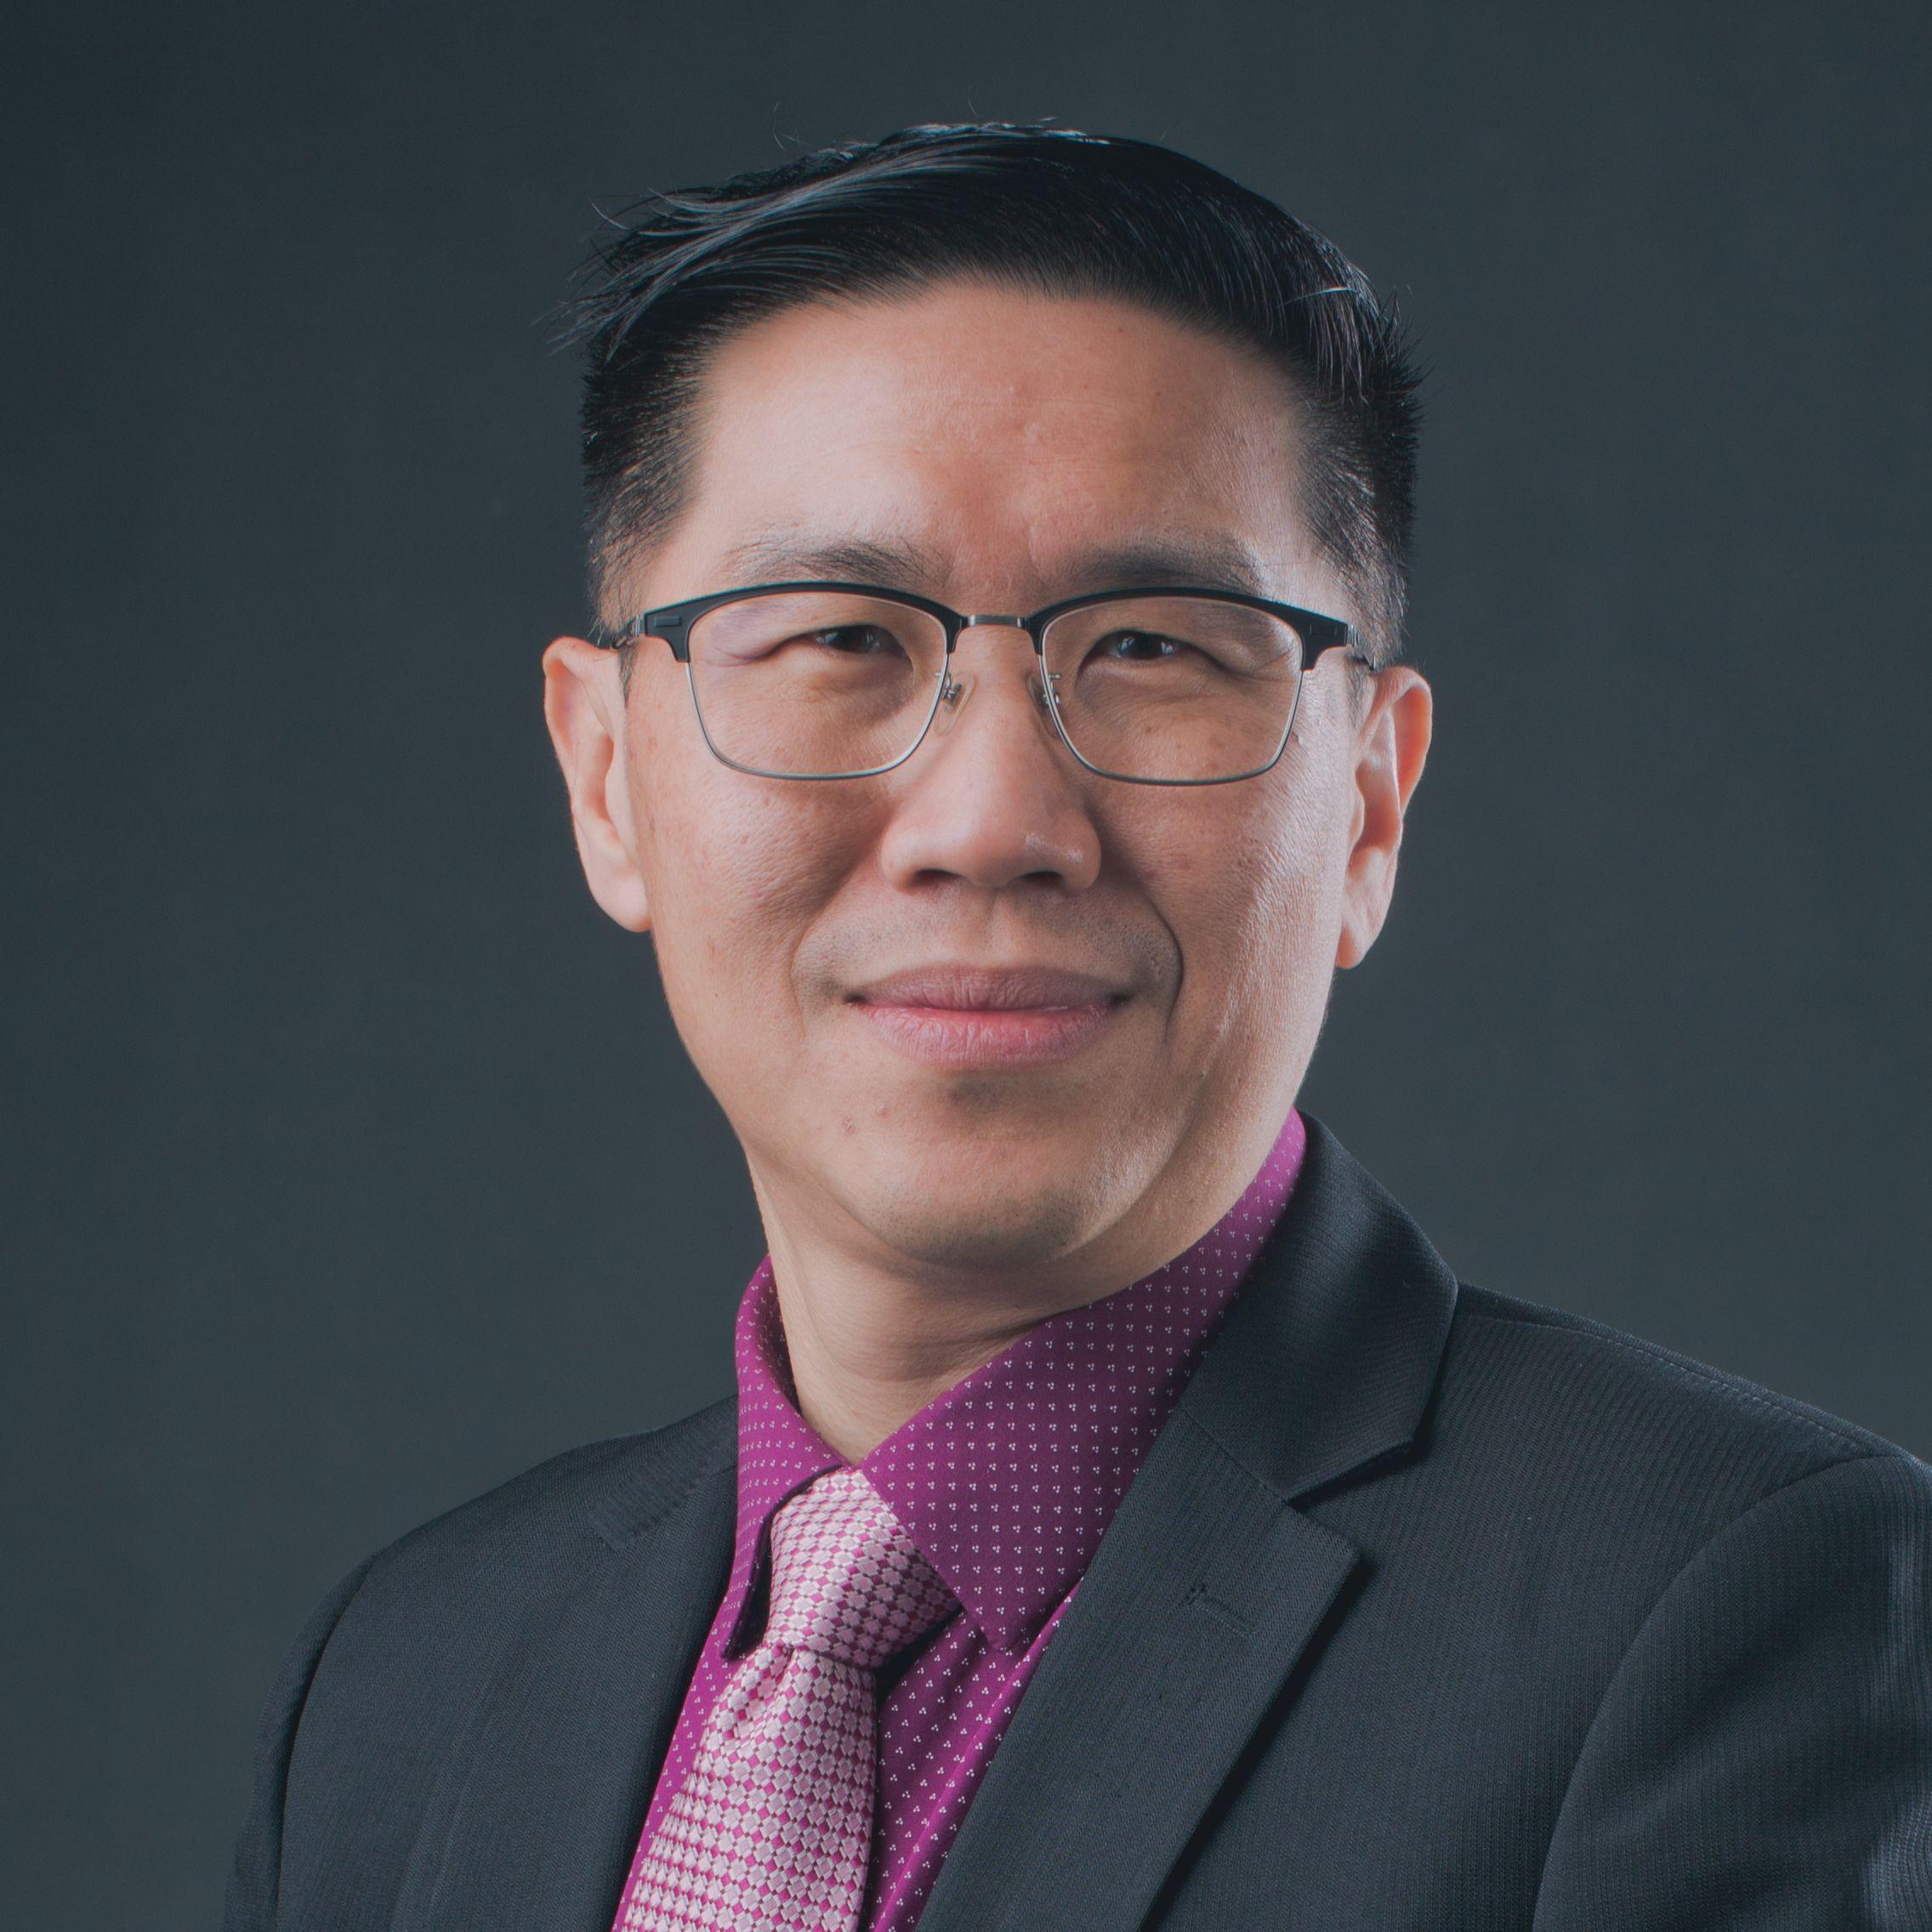 Lai Chung Siew